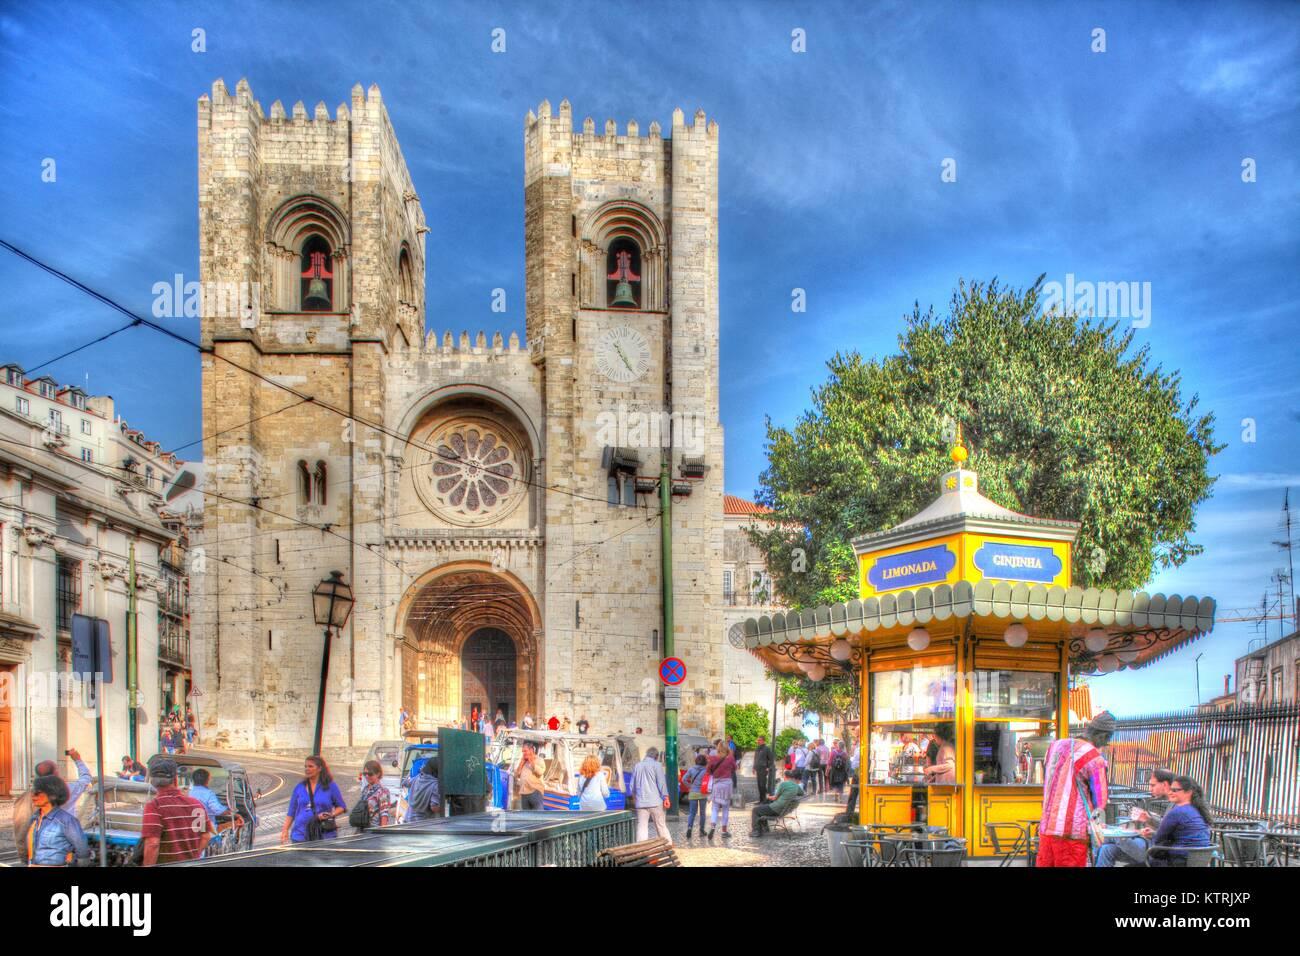 Kathedrale Se' in der Alfama, Lissabon, Portugal ich Kathedrale Se'mit alten Straßenbahnwagen, Alfama, Stockbild